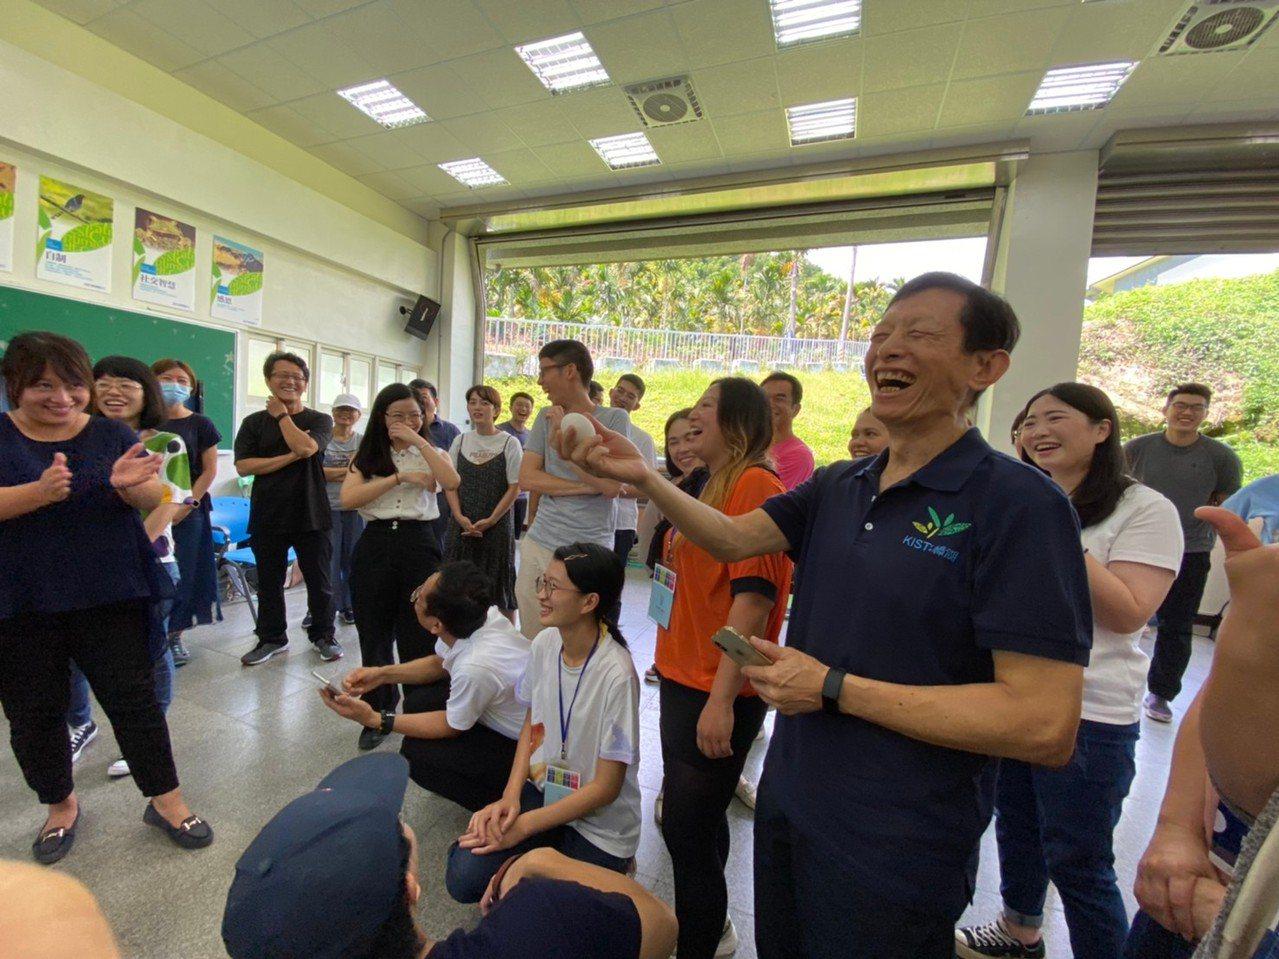 誠致基金會創辦人方新舟(前排右)是矽谷創業家,也是台灣翻轉教育推手。圖/誠致教育...